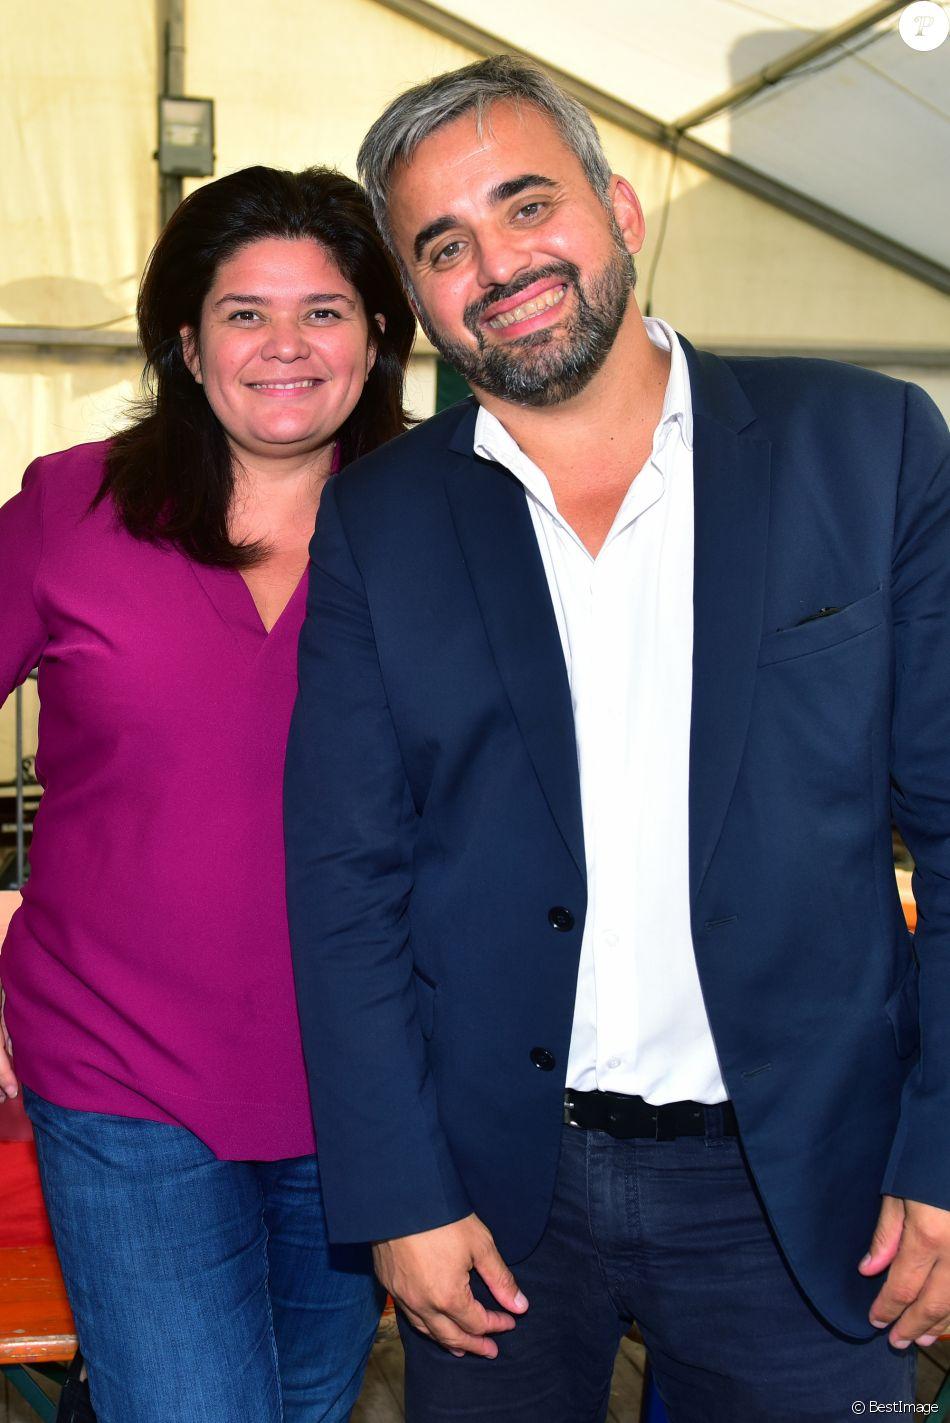 Exclusif - Raquel Garrido et Alexis Corbière - Deuxième jour de la Fête de l'Humanité au parc de la Courneuve le 16 septembre 2017. © Giancarlo Gorassini/Bestimage